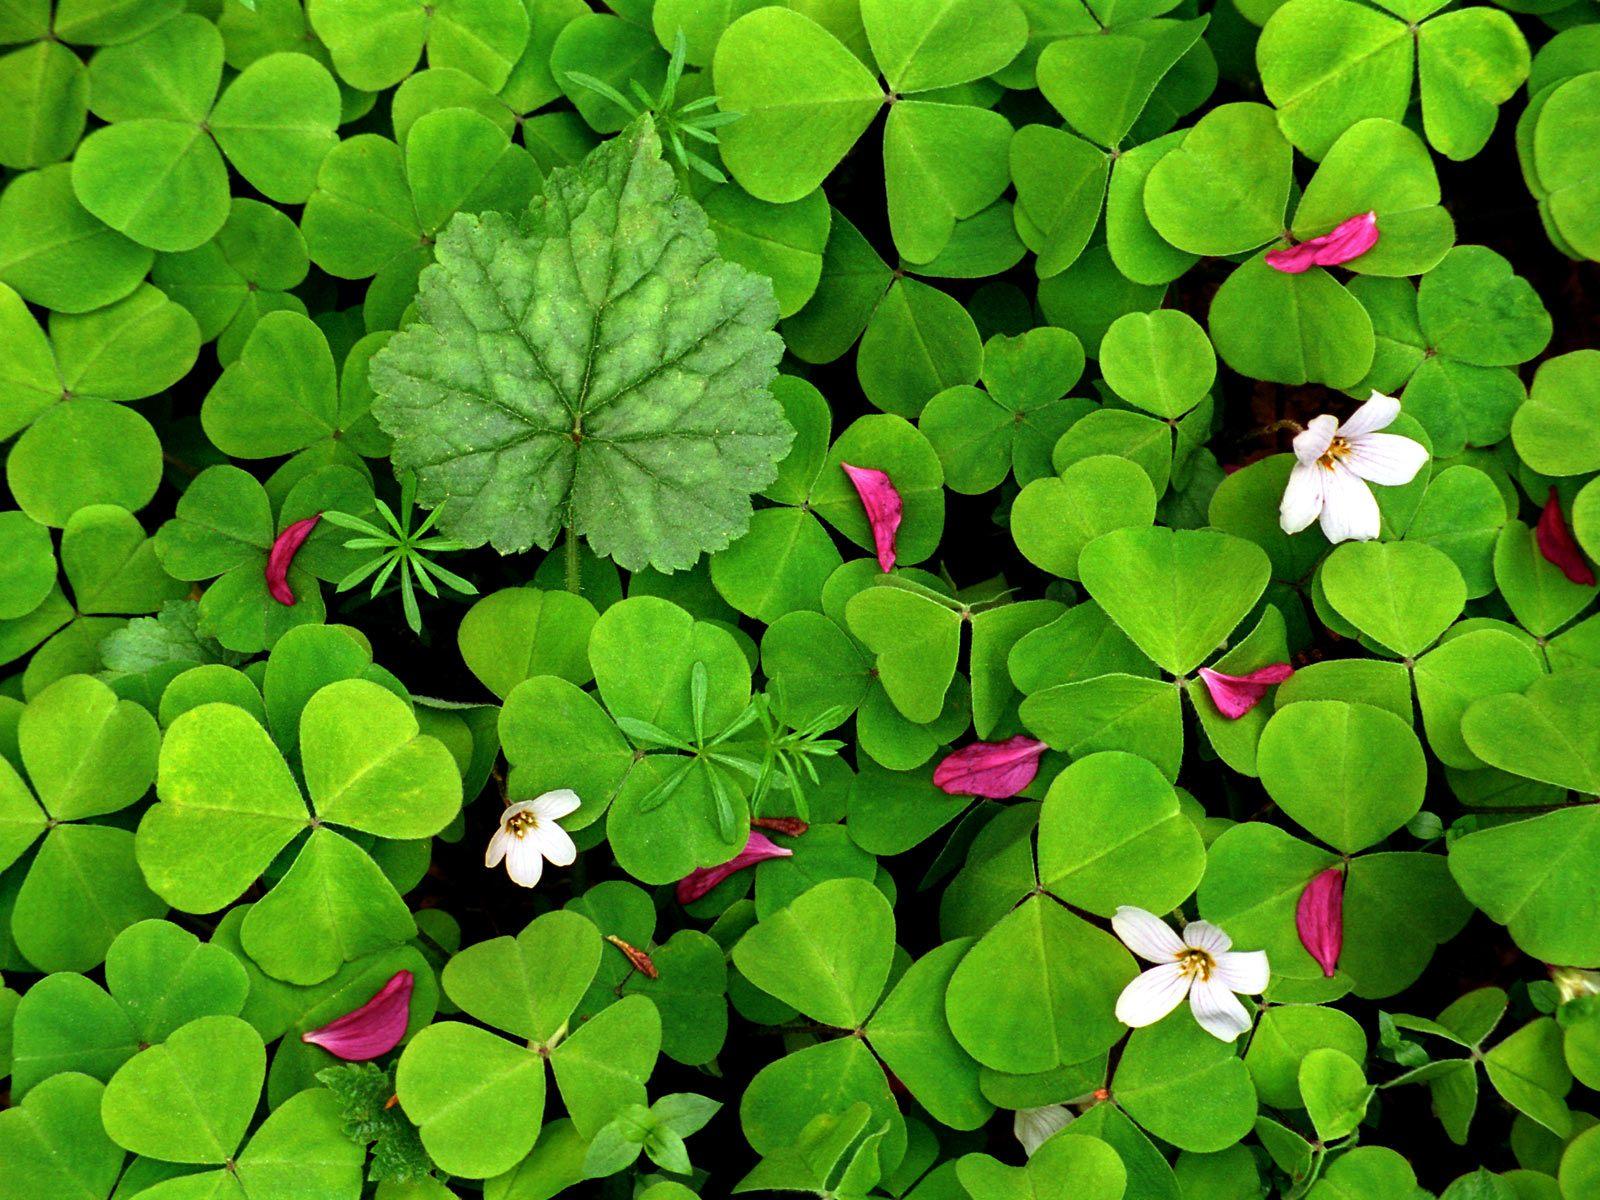 зеленые цветочки, весна, скачать фото, обои для рабочего стола